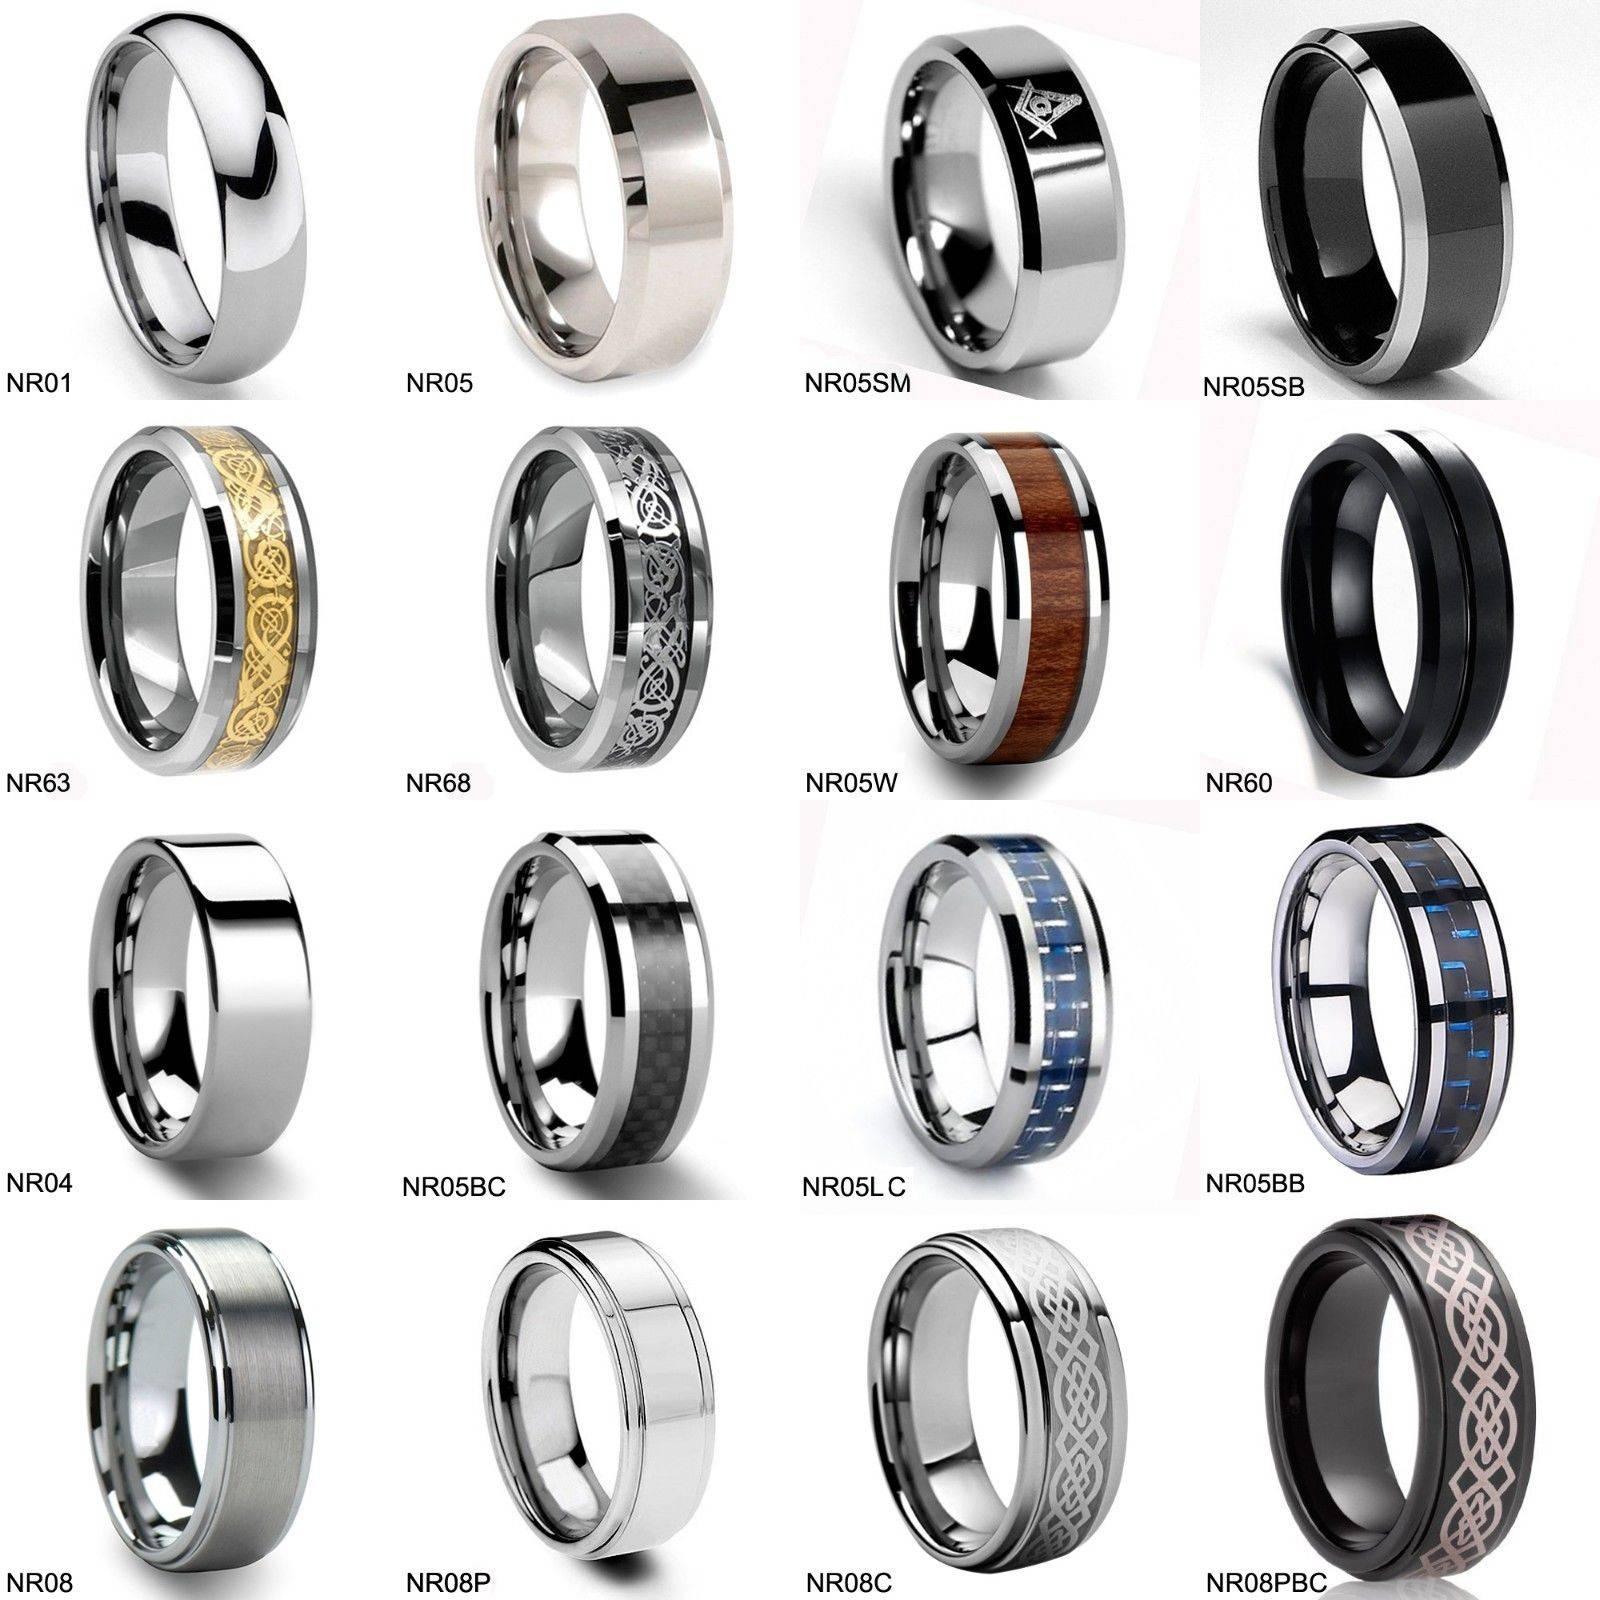 46 Tungsten Wedding Sets, Amazing Black Tungsten Wedding Couple Regarding Mens 10mm Tungsten Wedding Bands (View 12 of 15)